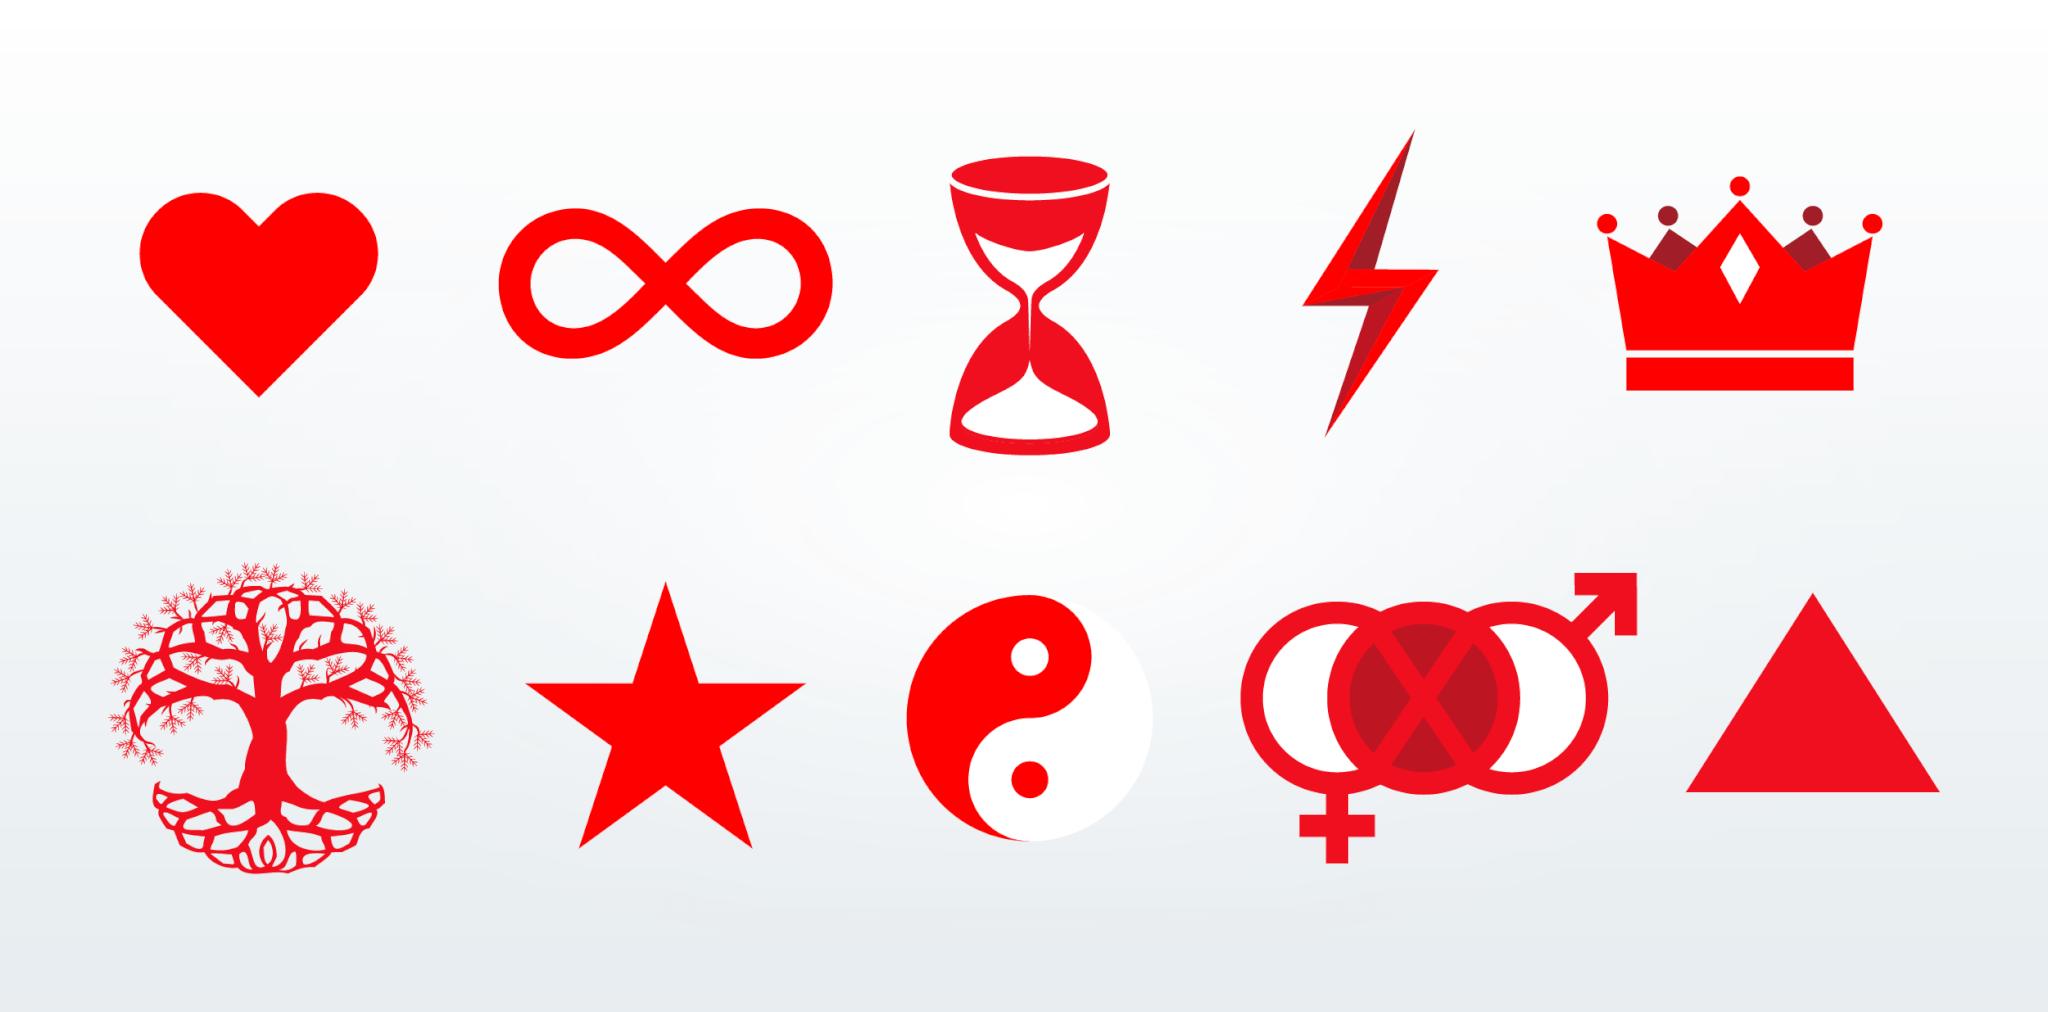 Design Inspis Laura Tiiton suunnittelemat symbolit - graafinen suunnittelu